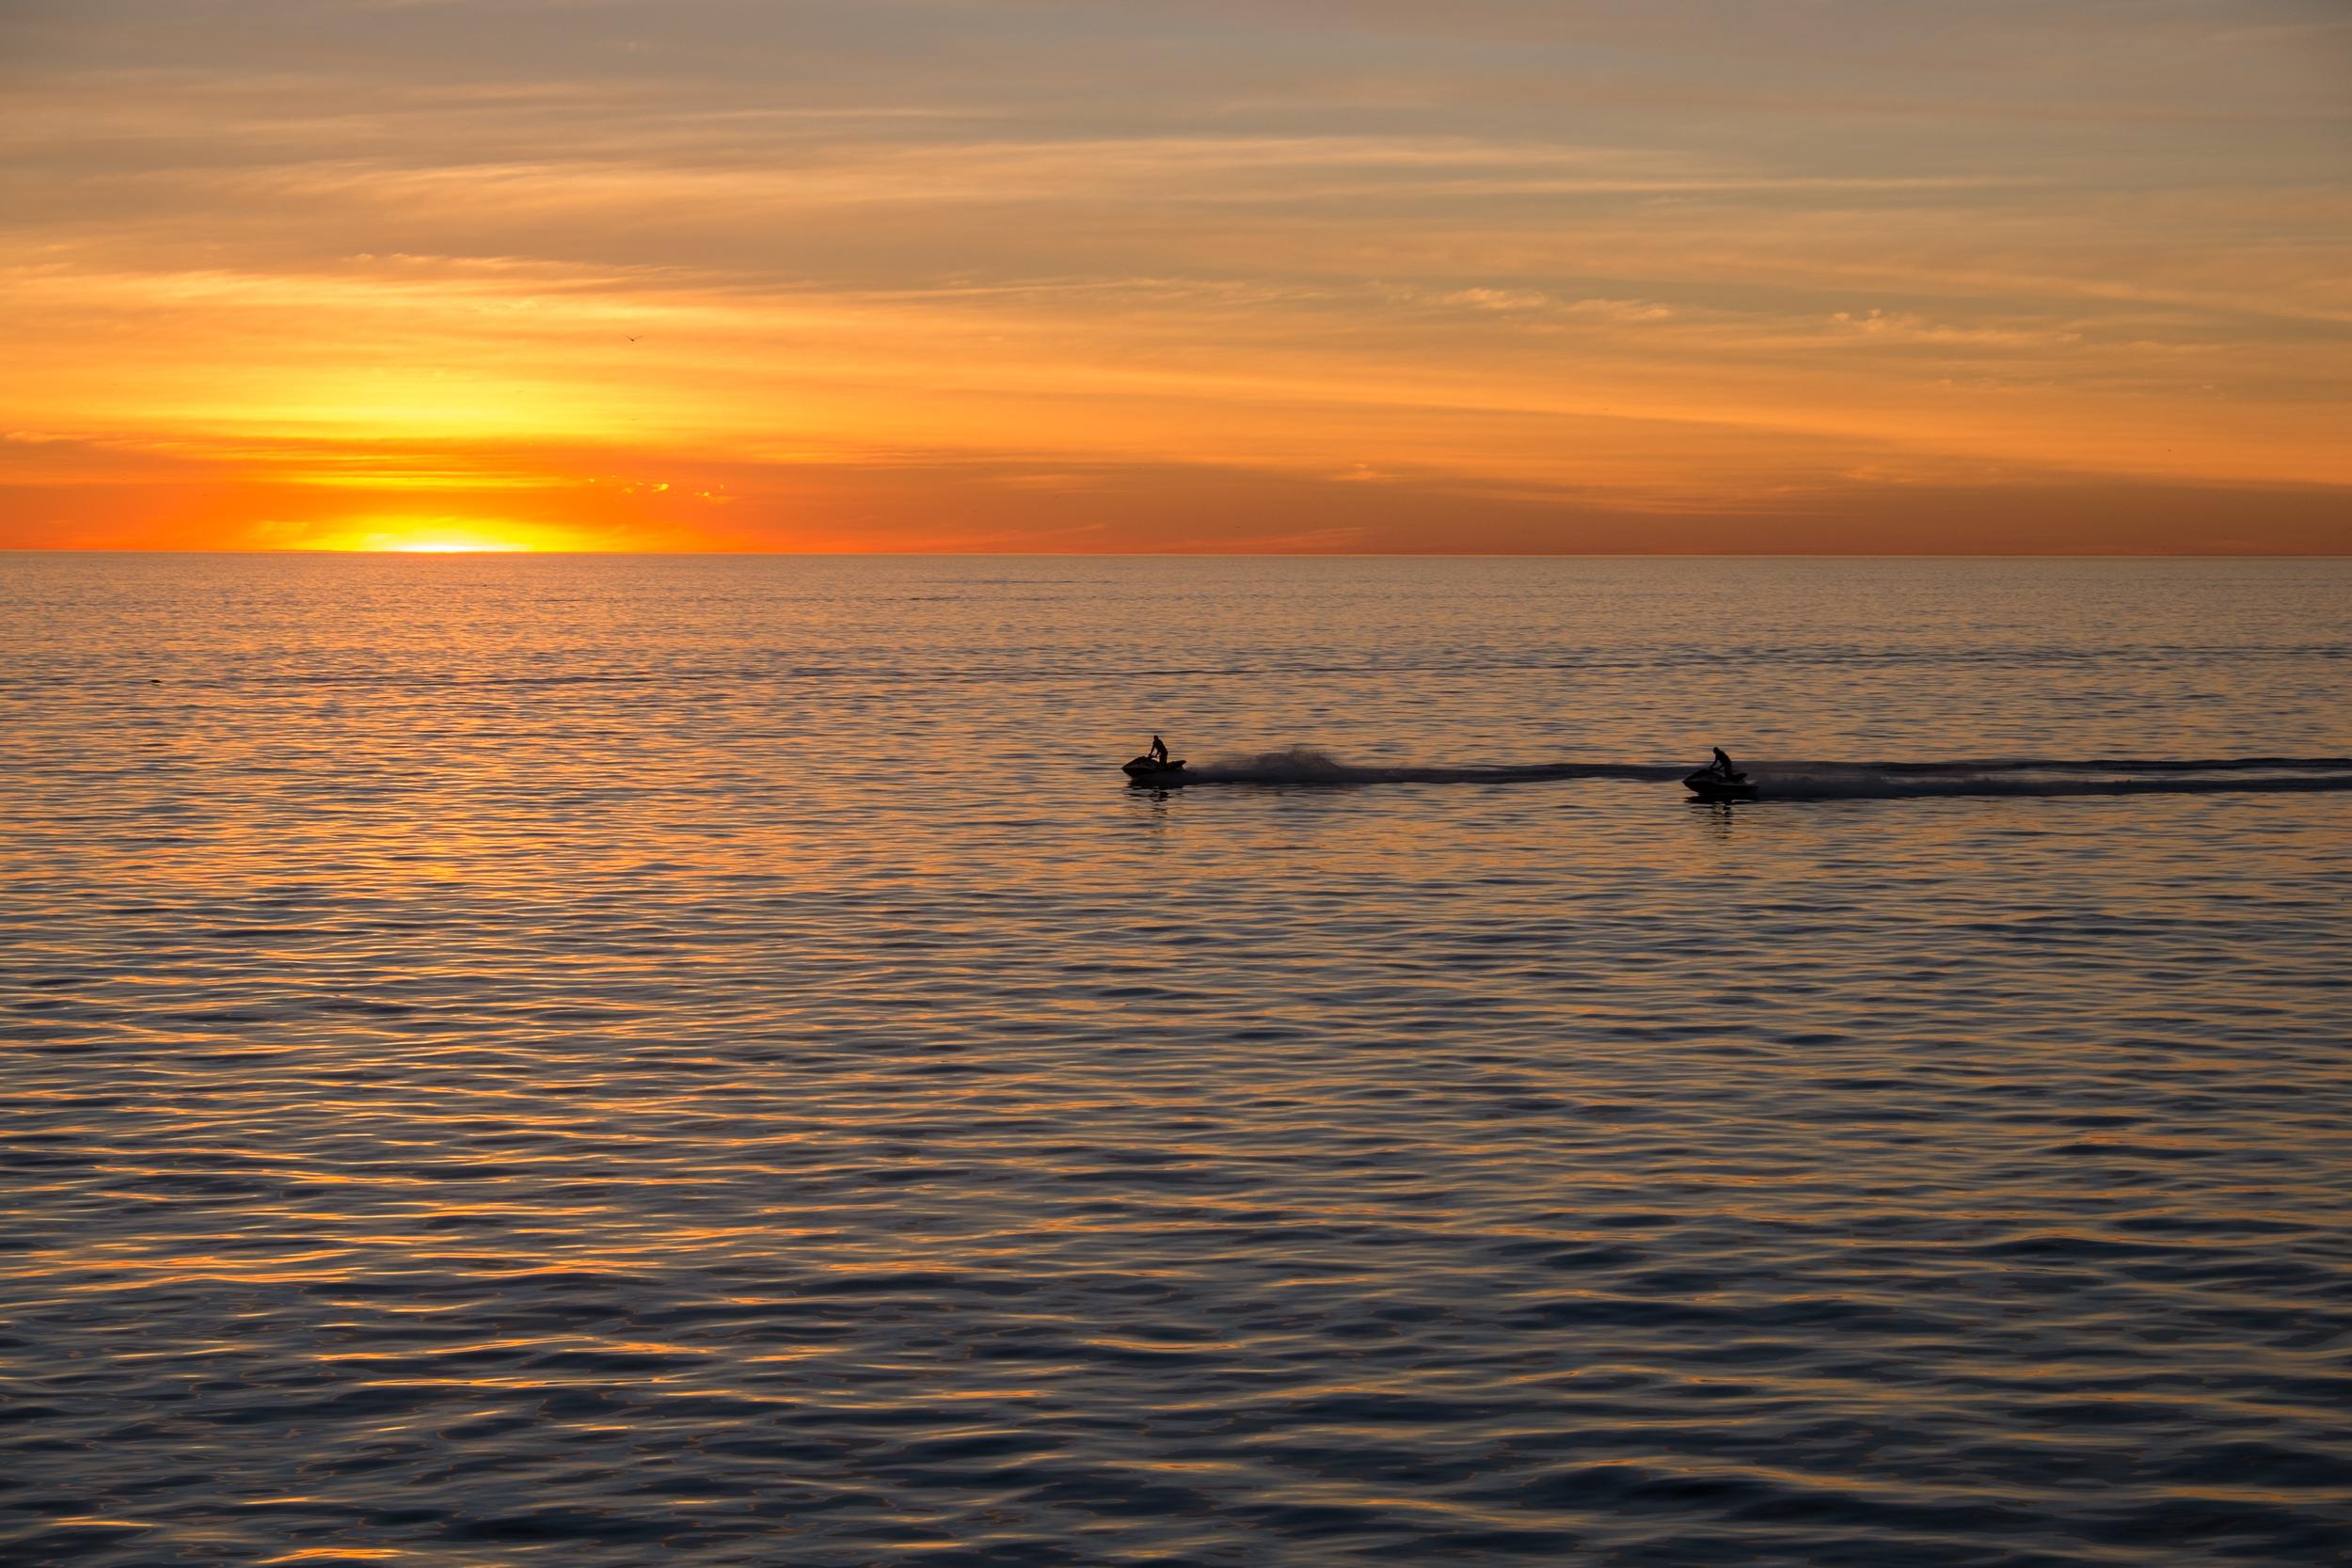 Marina del Rey, CA  Fuji X-E1